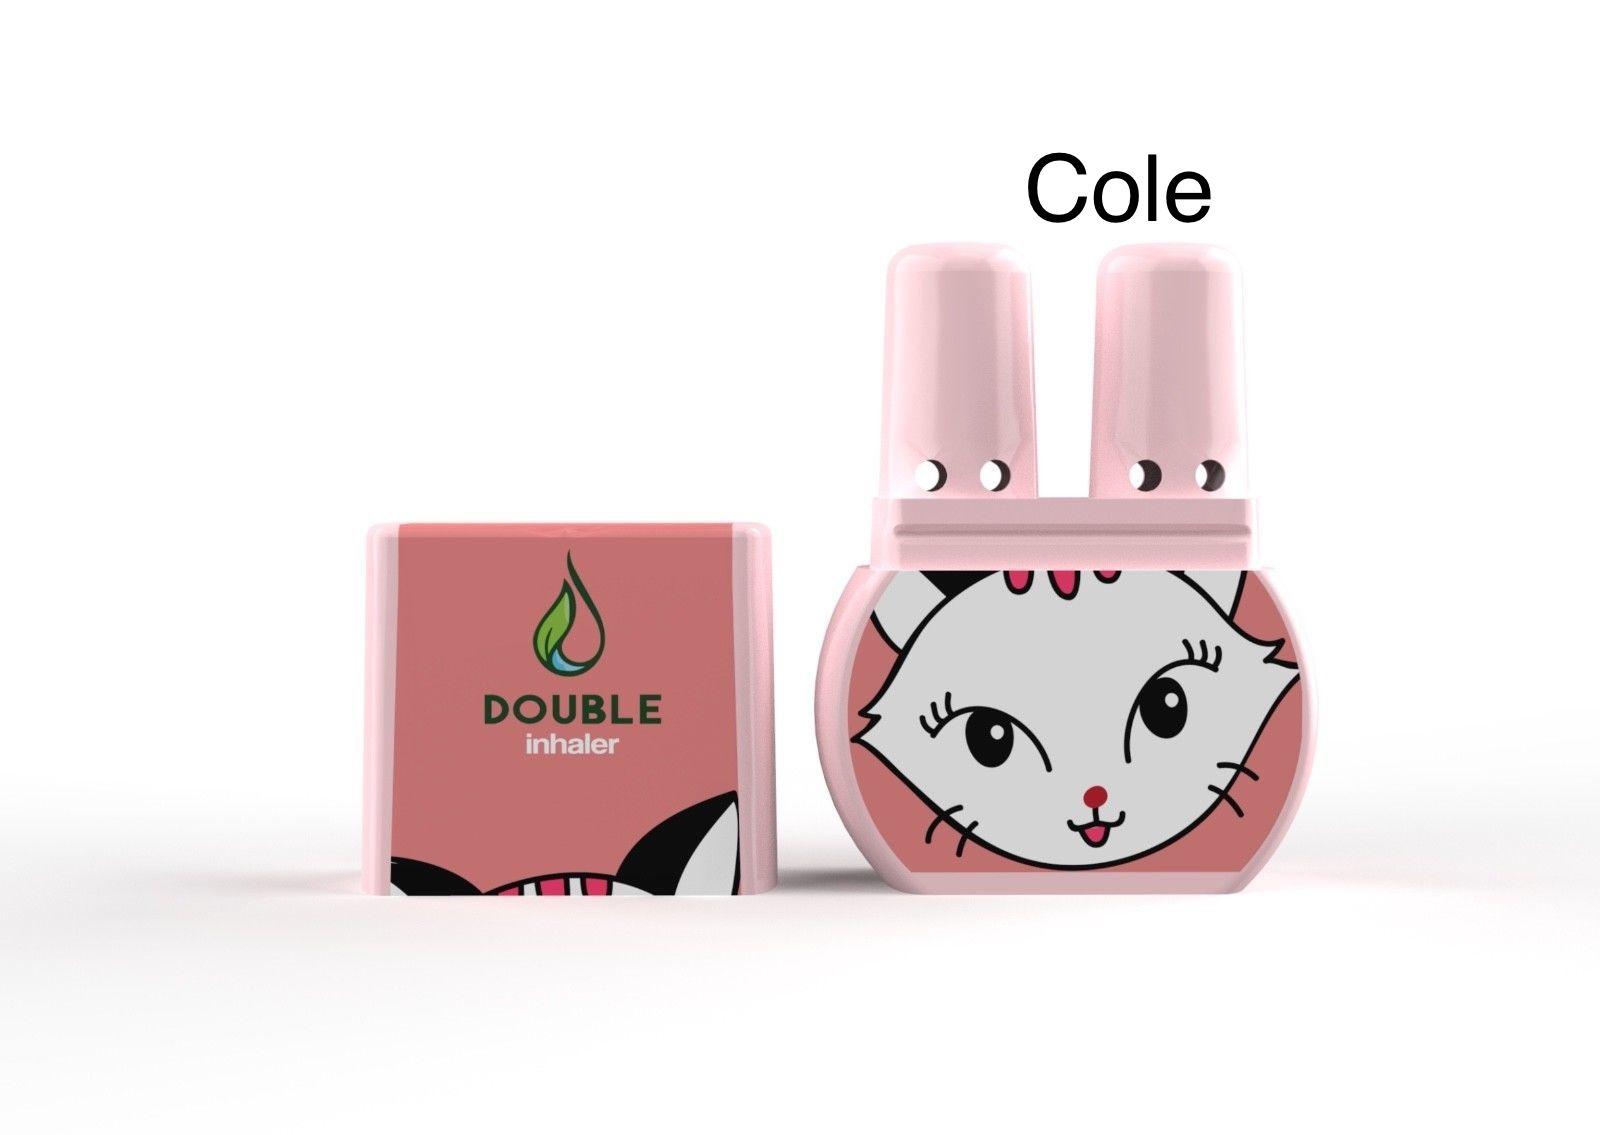 ยาดมดับเบิ้ล แบบ 2 รูดม หอม .. สดชื่น ไม่เหมือนใคร ลาย Cole (แมวสาว)